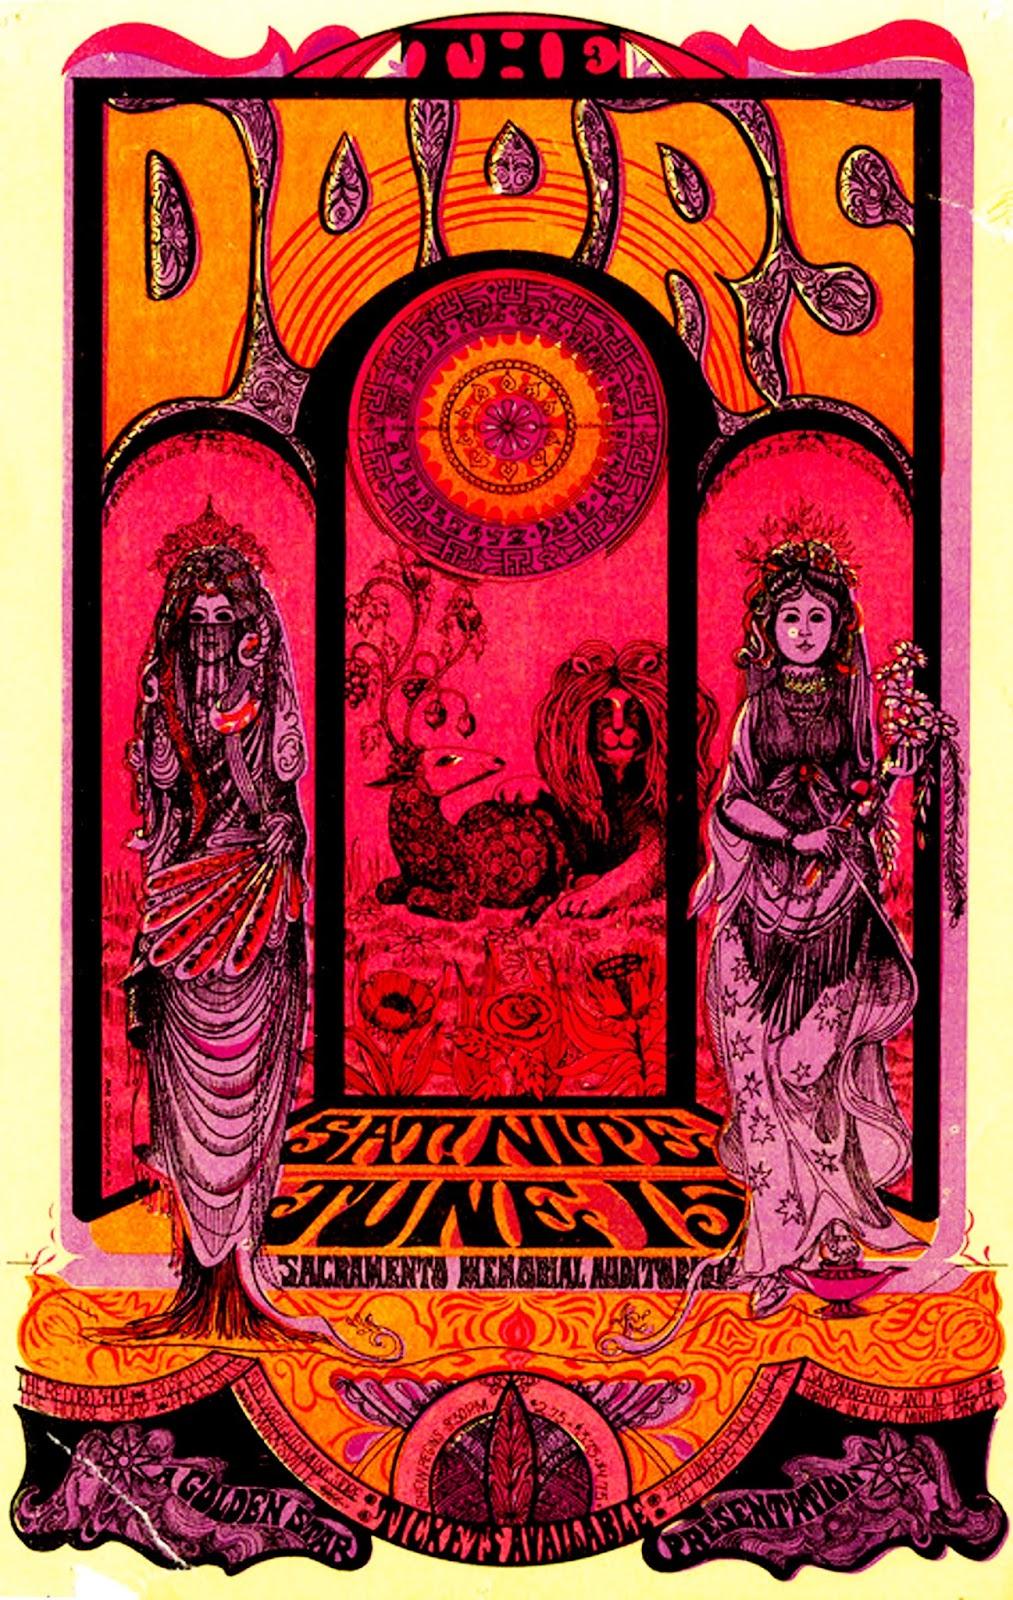 60s Poster Art